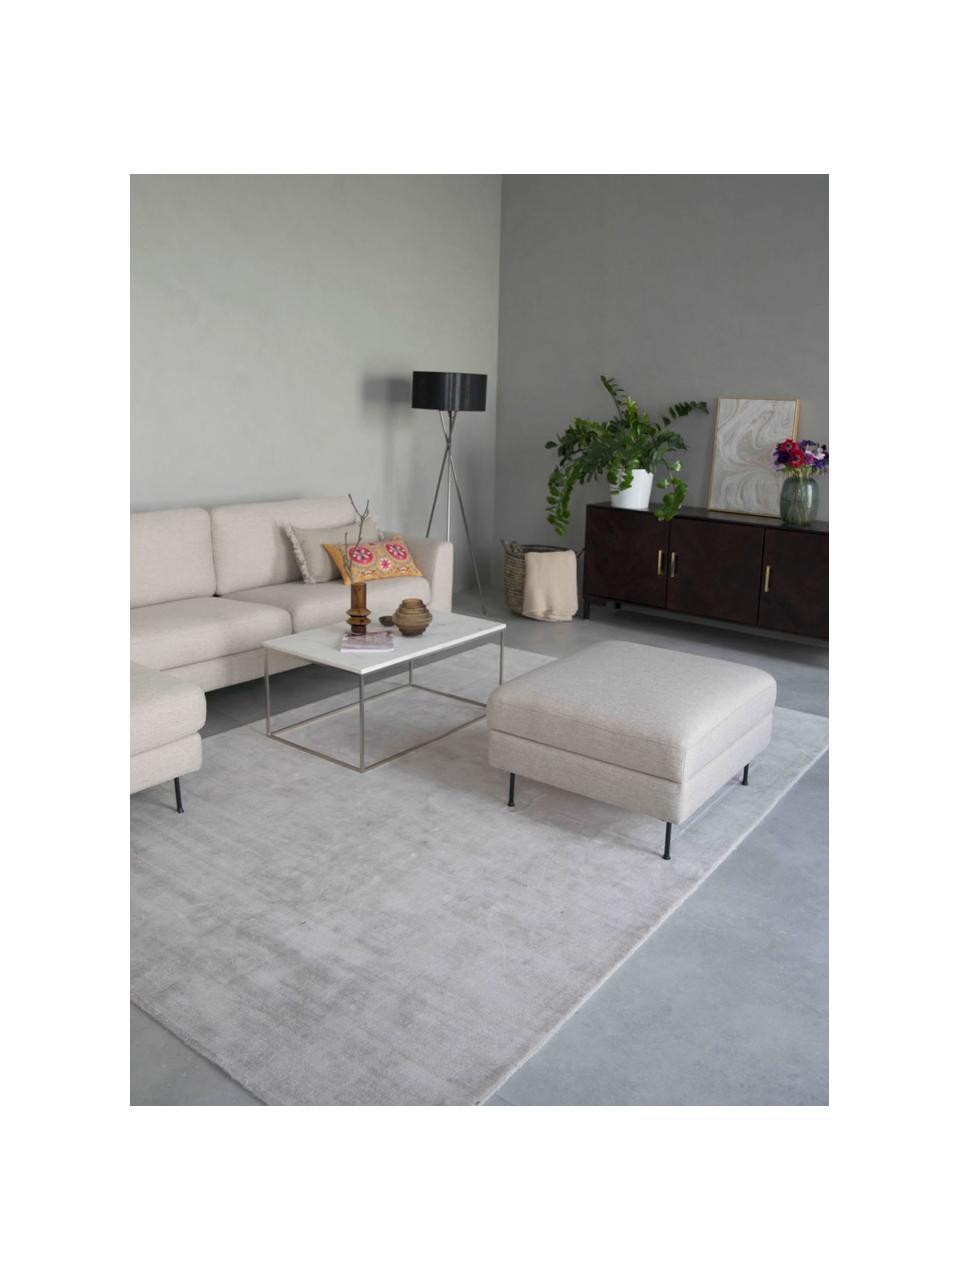 Poggiapiedi contenitore da divano beige Cucita, Rivestimento: tessuto (poliestere) Con , Struttura: legno di pino massiccio, Piedini: metallo laccato, Beige, Larg. 75 x Alt. 46 cm